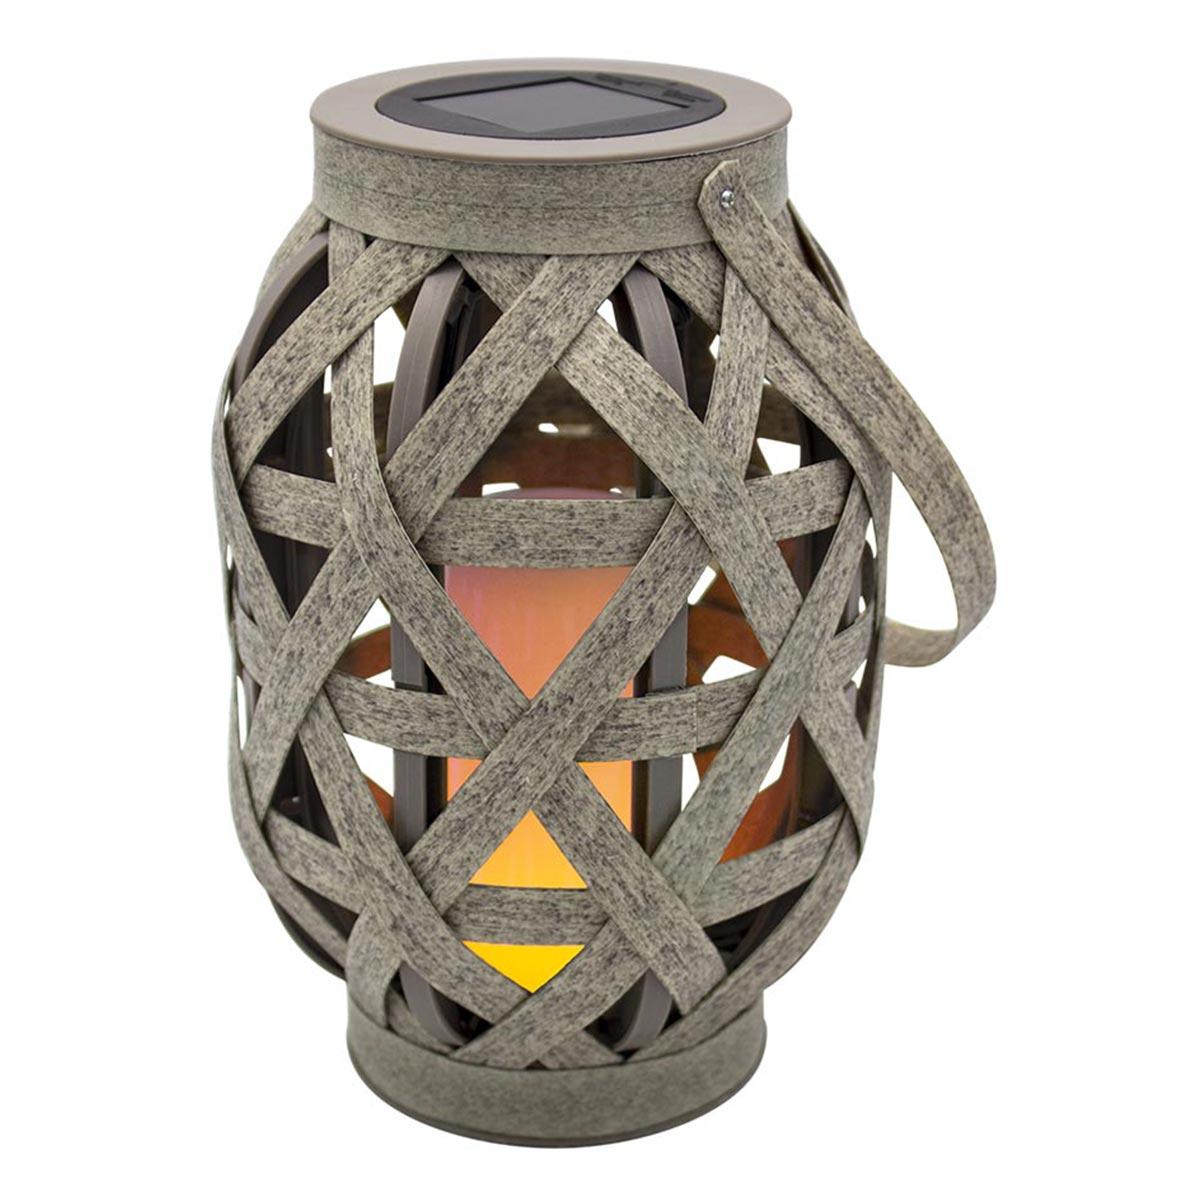 CROSS-Lanterne solaire effet flamme plastique marron H41cm